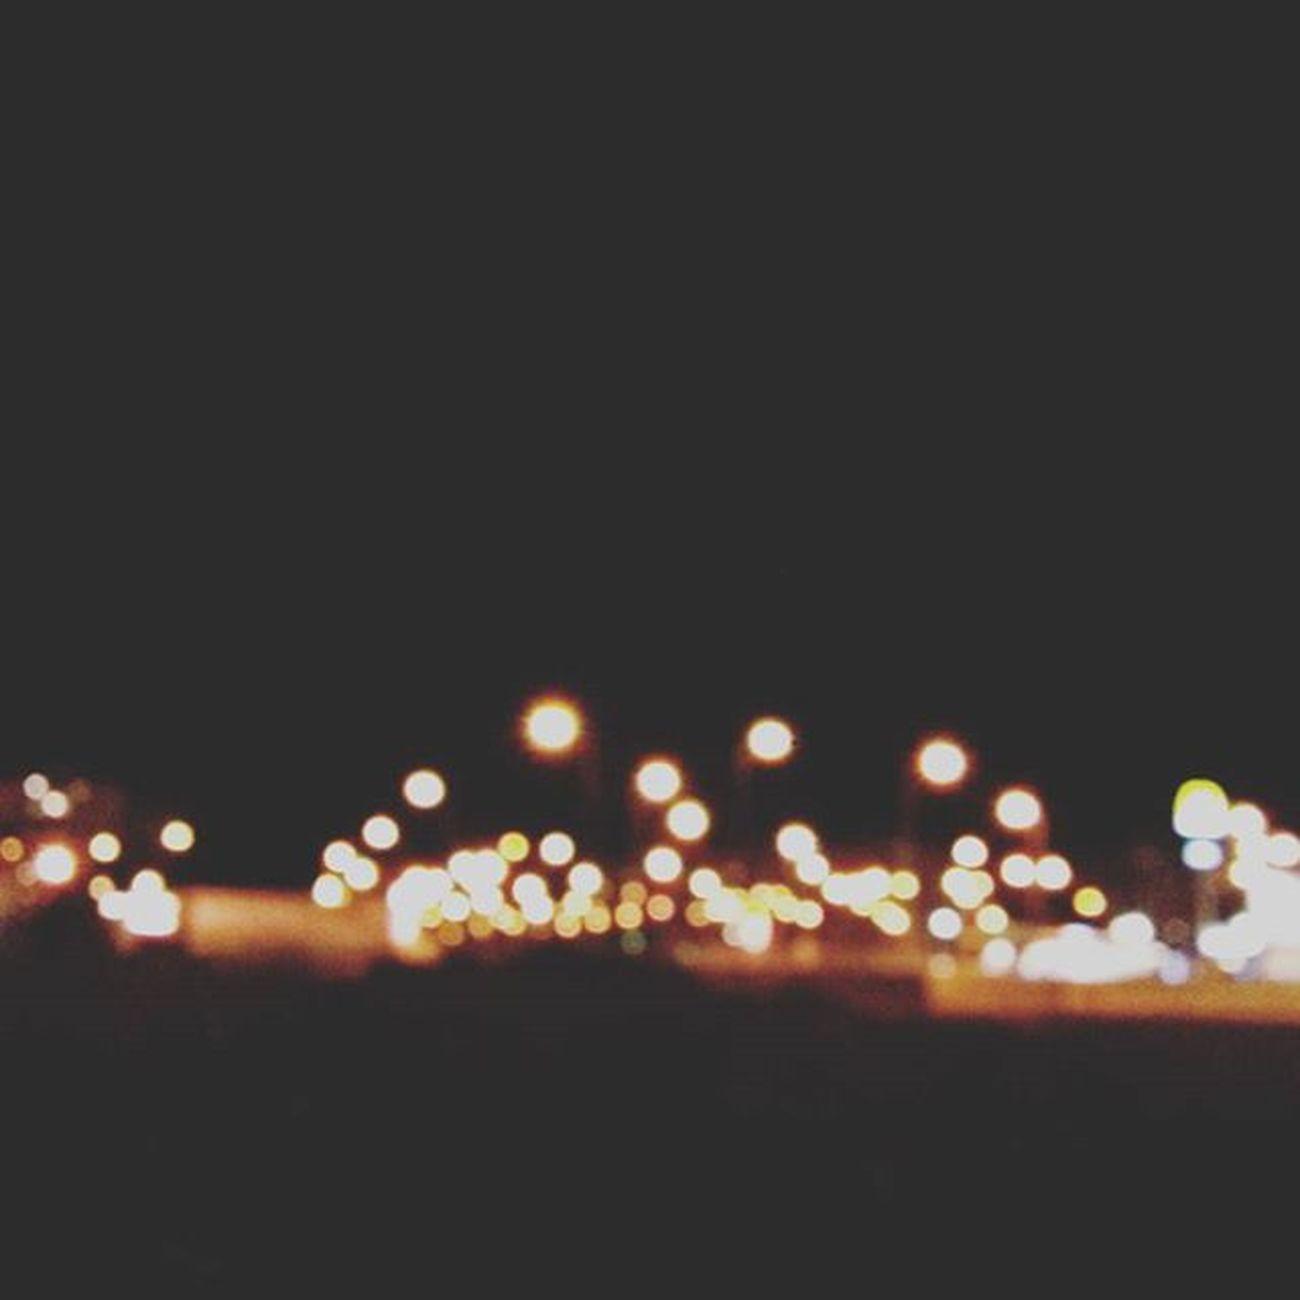 Gdb14day Lifeingdb ⛪🌃После ряда активных насыщенных дней кажется, как-будто сегодня не чем и не занимался. Мы обсуждали важные вопросы и делились впечатлениеми, слава Богу большенство позитивные! Услышав об этом, Иисус переправился на лодке в пустынное место, чтобы побыть одному. Но люди в городах узнали, куда Он отправился, и пошли туда пешком. Когда Иисус сошел на берег и увидел большую толпу, Он сжалился над людьми и исцелил больных, которые были среди них. От Матфея 14:13-14 RSZ Когда в трудные минуты покажется, что Богу на это наплювать то вспомни, что Иисусу было не всё равно даже когда Его хороший друг умер и Он хотел побыть наедине! Gdbtallinn G2youth гдб Bible Love Faith Passion Blog Blogger Belief Believer Daily God Бог Godsnotdead Jesus Joy Night Tallinnetokrasivo Tallinngram Tallinnonline Nightlights Blur